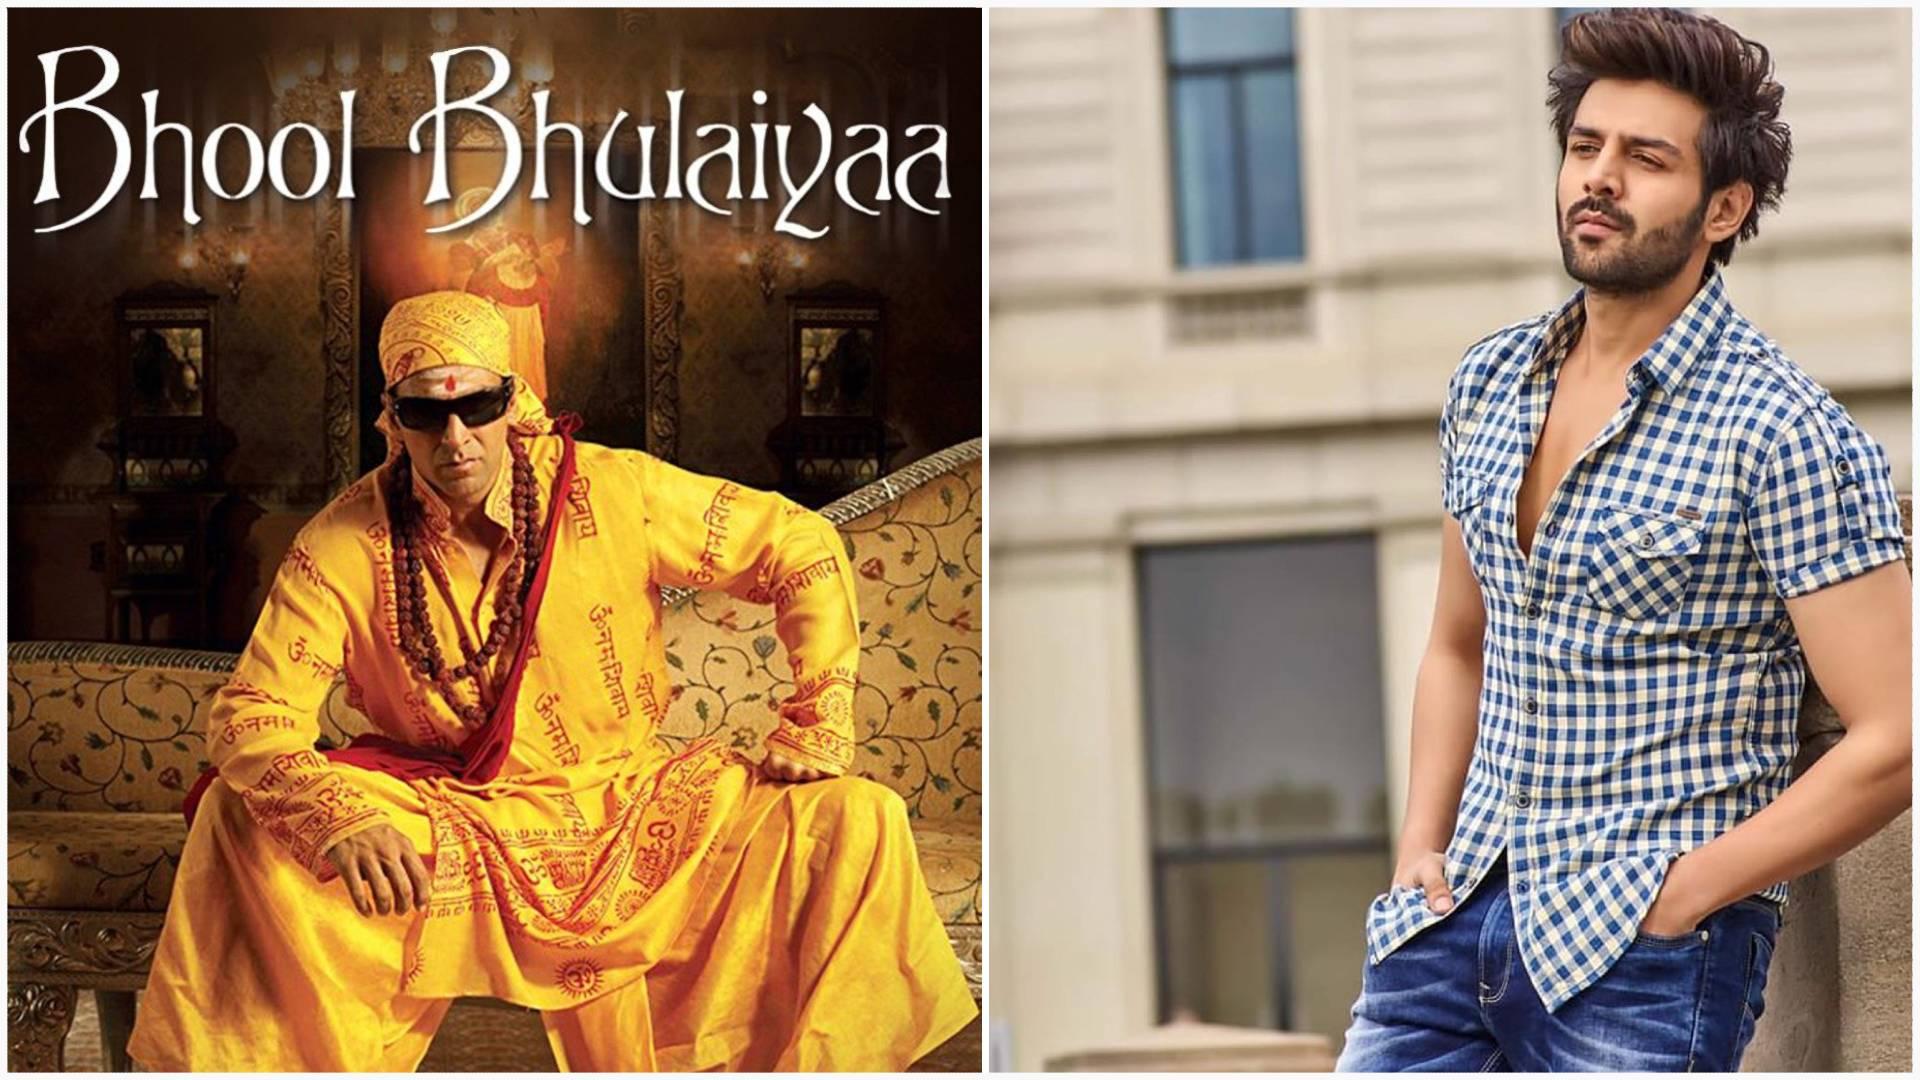 Bhool Bhulaiyaa 2: इस बार होगा डबल धमाल, जब हॉरर कॉमेडी का तड़का लगाते नजर आएंगे कार्तिक आर्यन-अक्षय कुमार